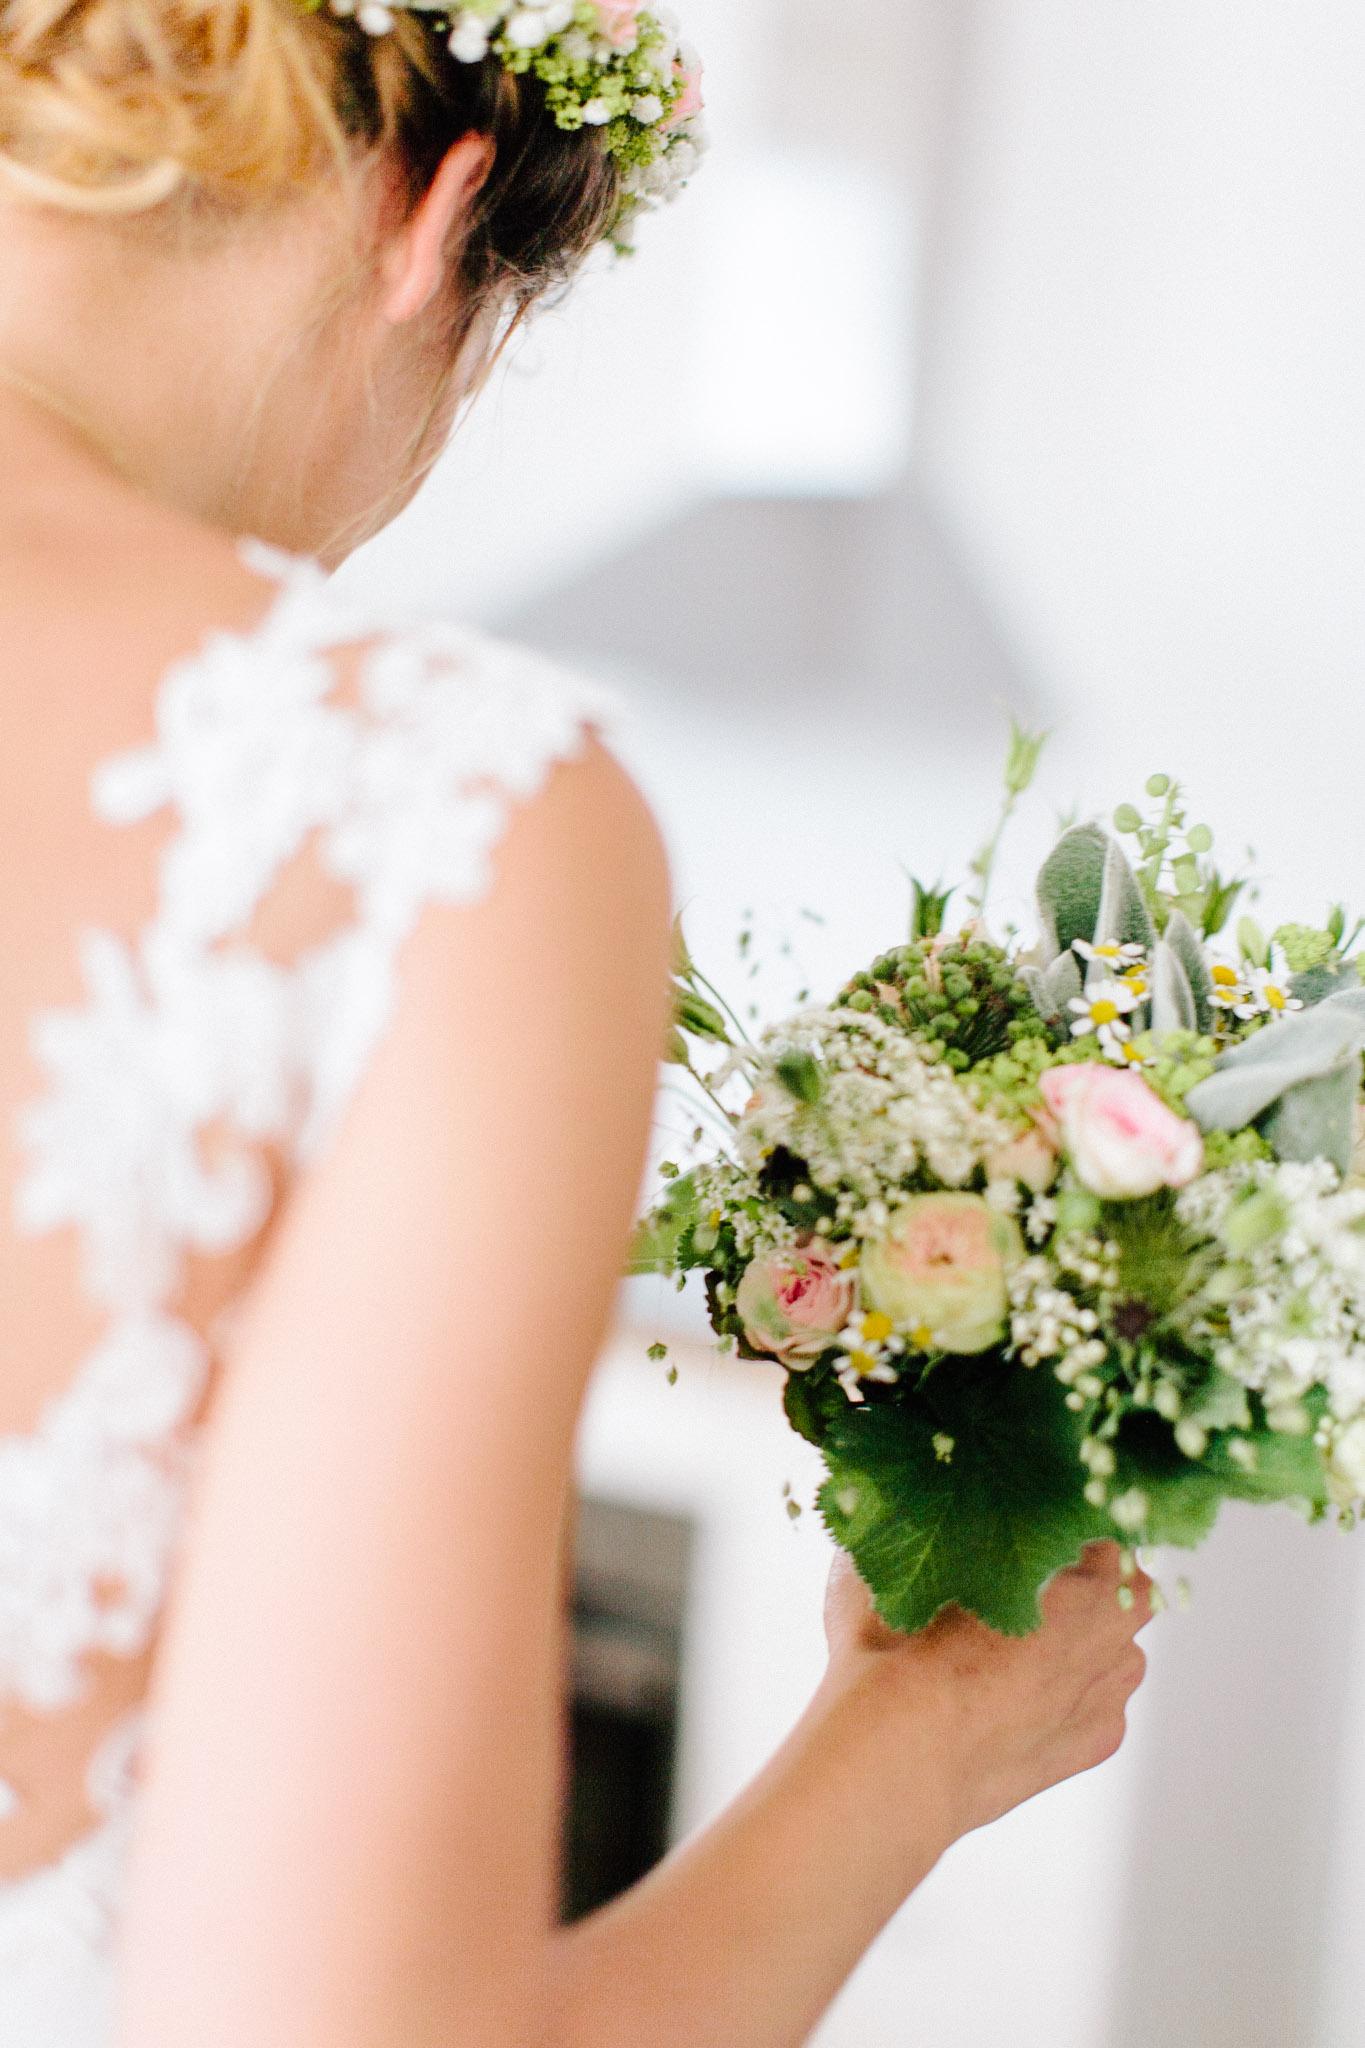 Nordhausen-Harz-Hochzeit-Pia-Anna-Christian-Wedding-Photography-LM-28.jpg